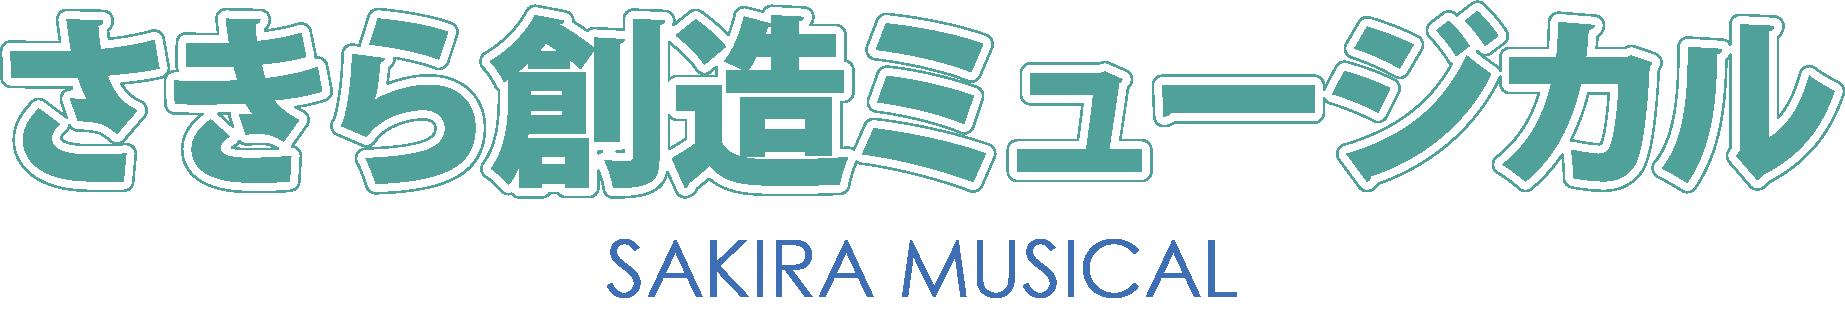 さきら創造ミュージカル 公式WEBサイト